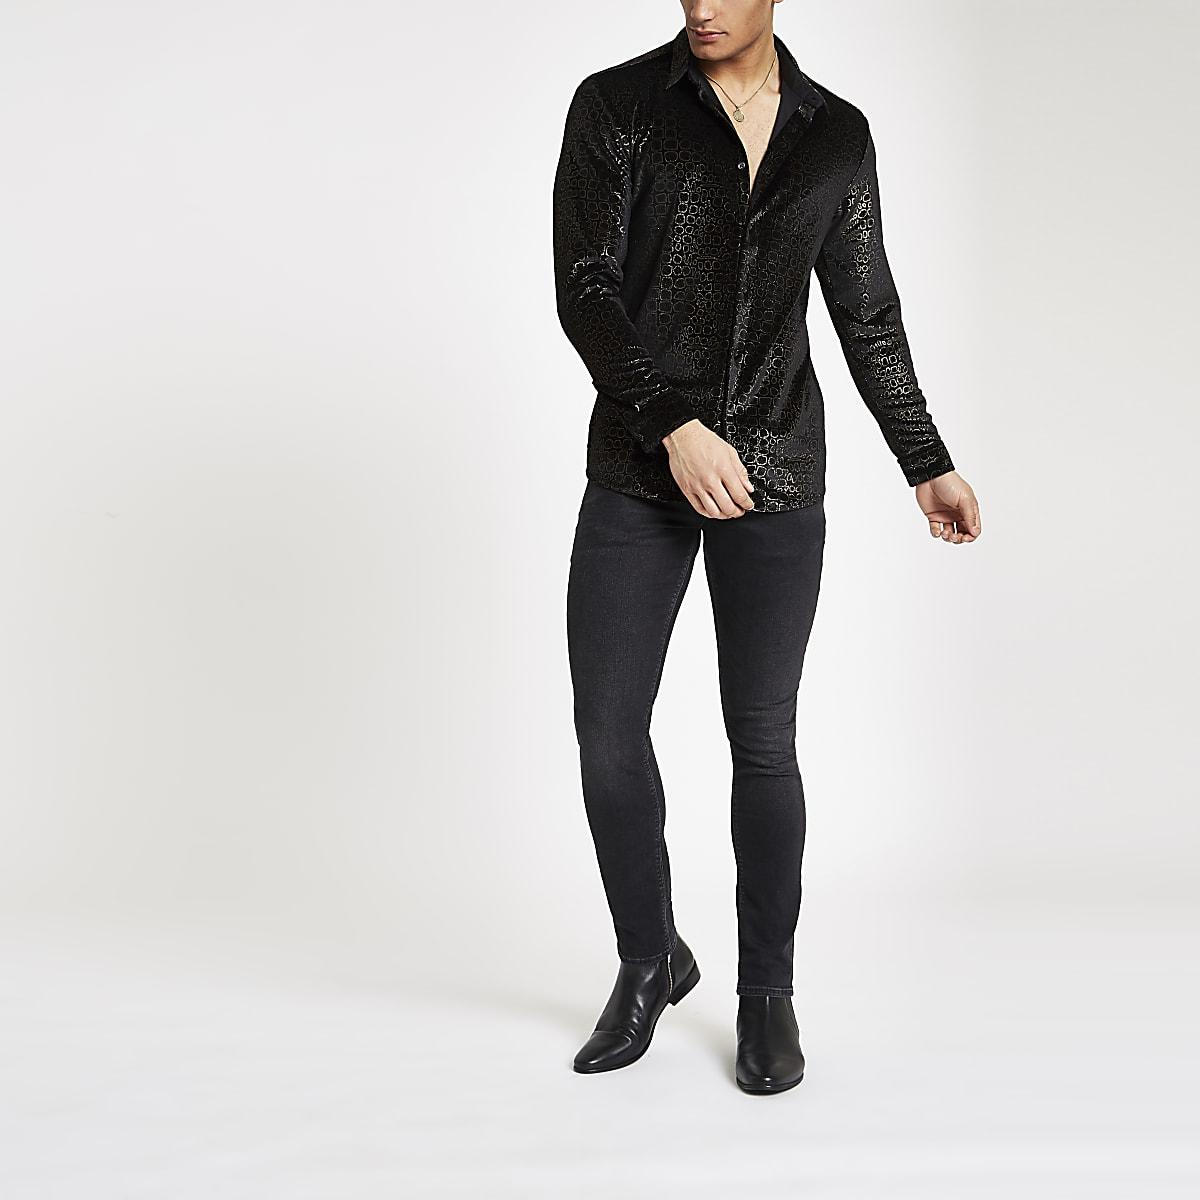 Jaded London black velvet croc shirt